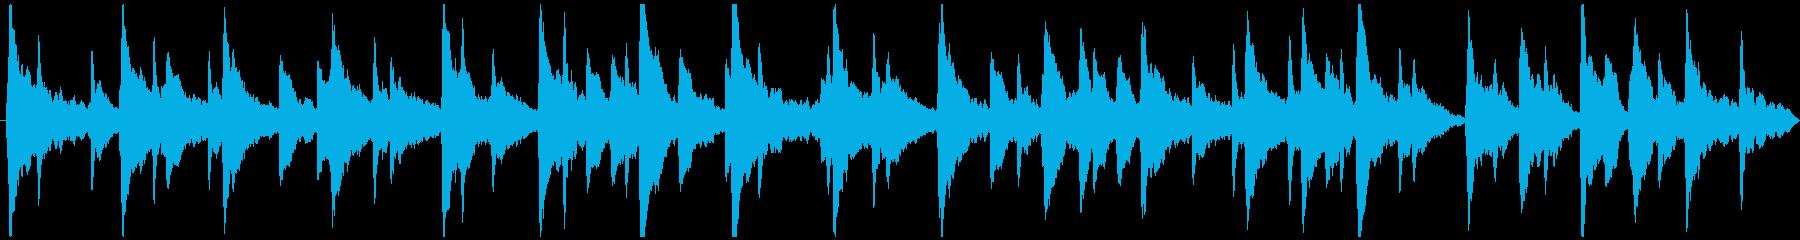 しっとりとした切ないピアノソロ楽曲の再生済みの波形